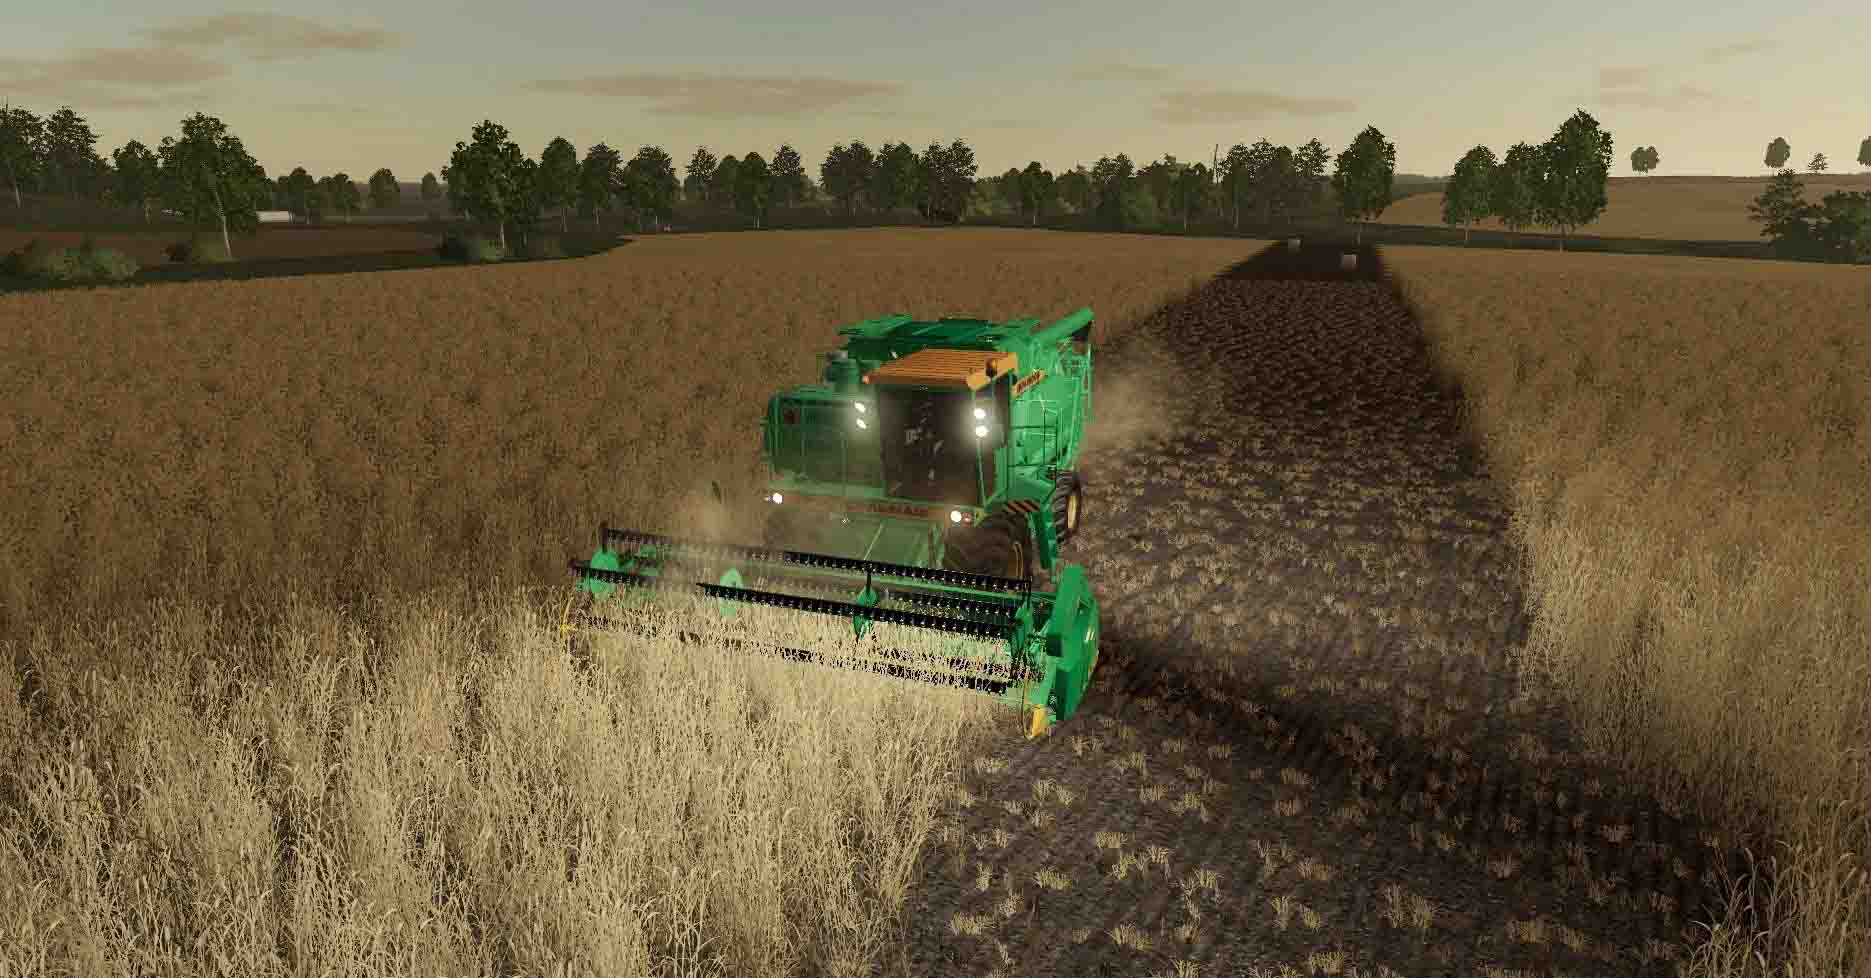 Мод на обновленный комбайн ДОН 1500Б для Farming Simulator 2019